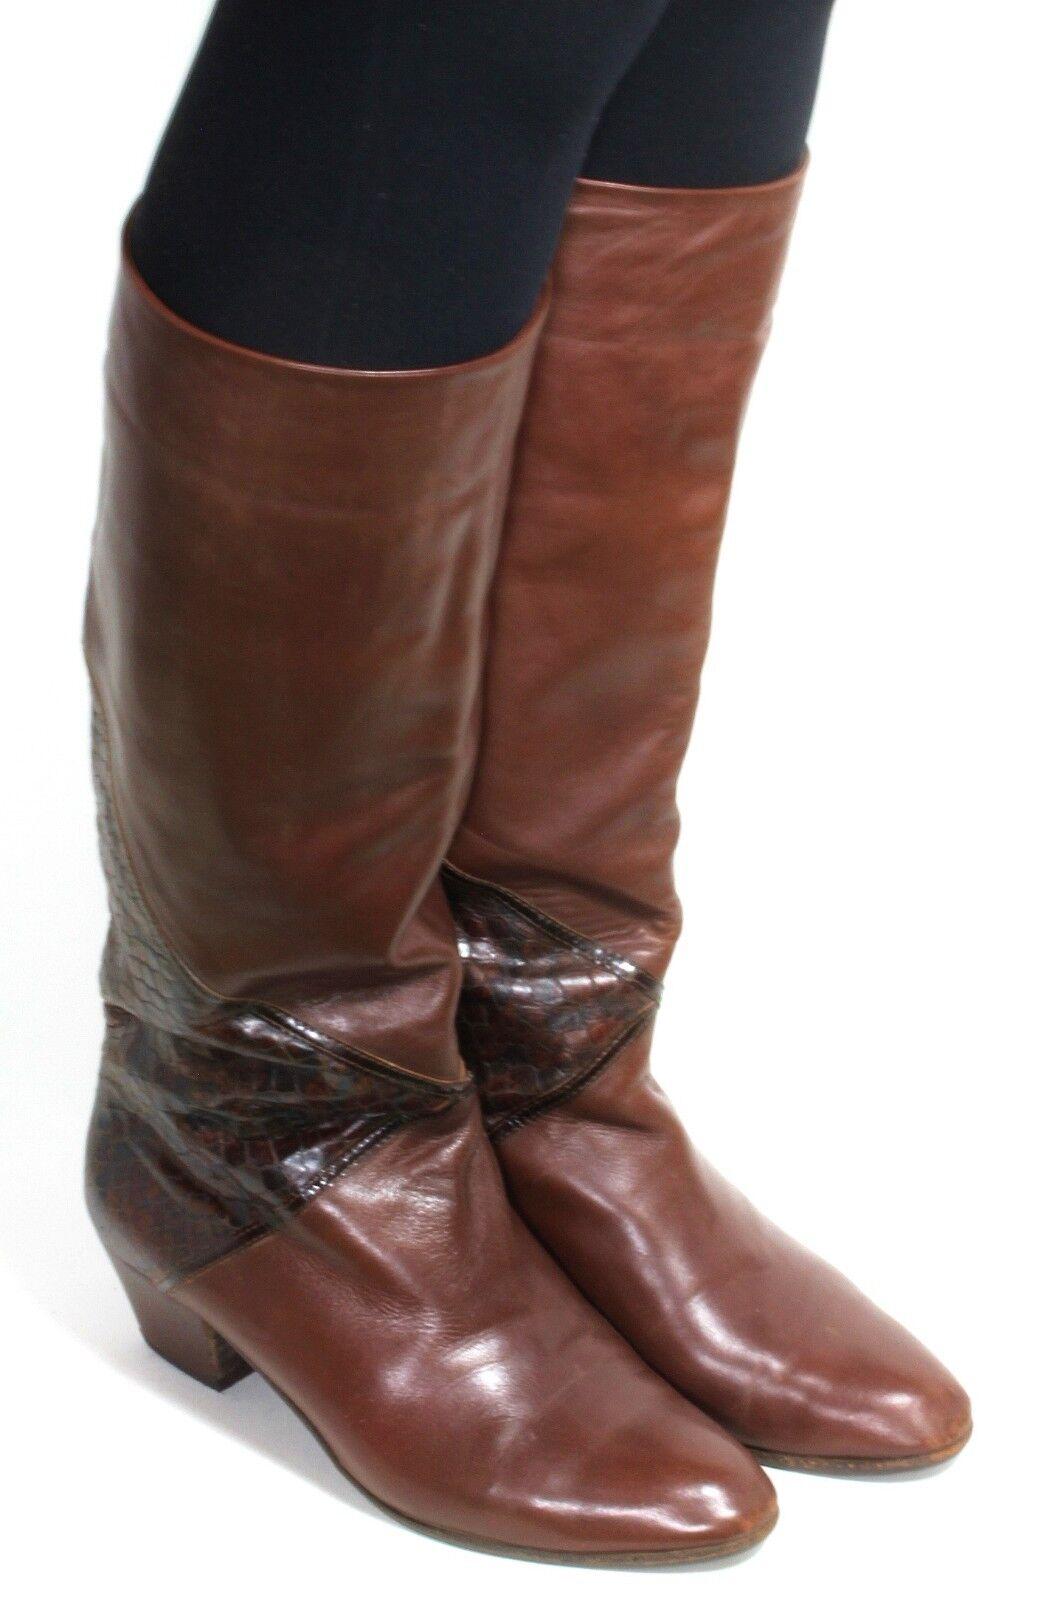 Damenstiefel vintage Stiefel Leder Blogger Hipster Krempelschft Reptil Heel 38,5